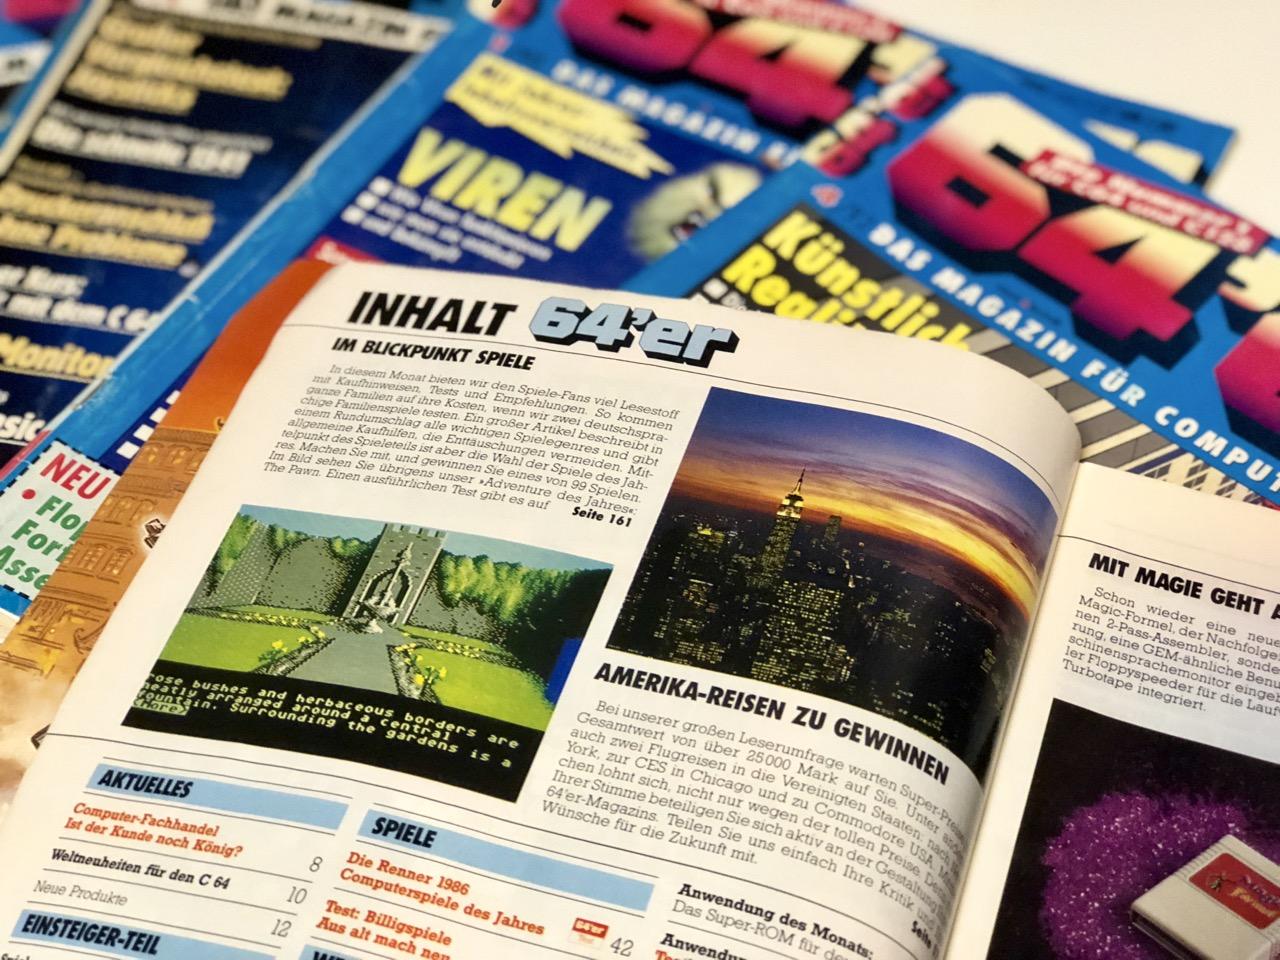 64er Magazine in der Heimcomputer-Ecke. (Bild: André Eymann)